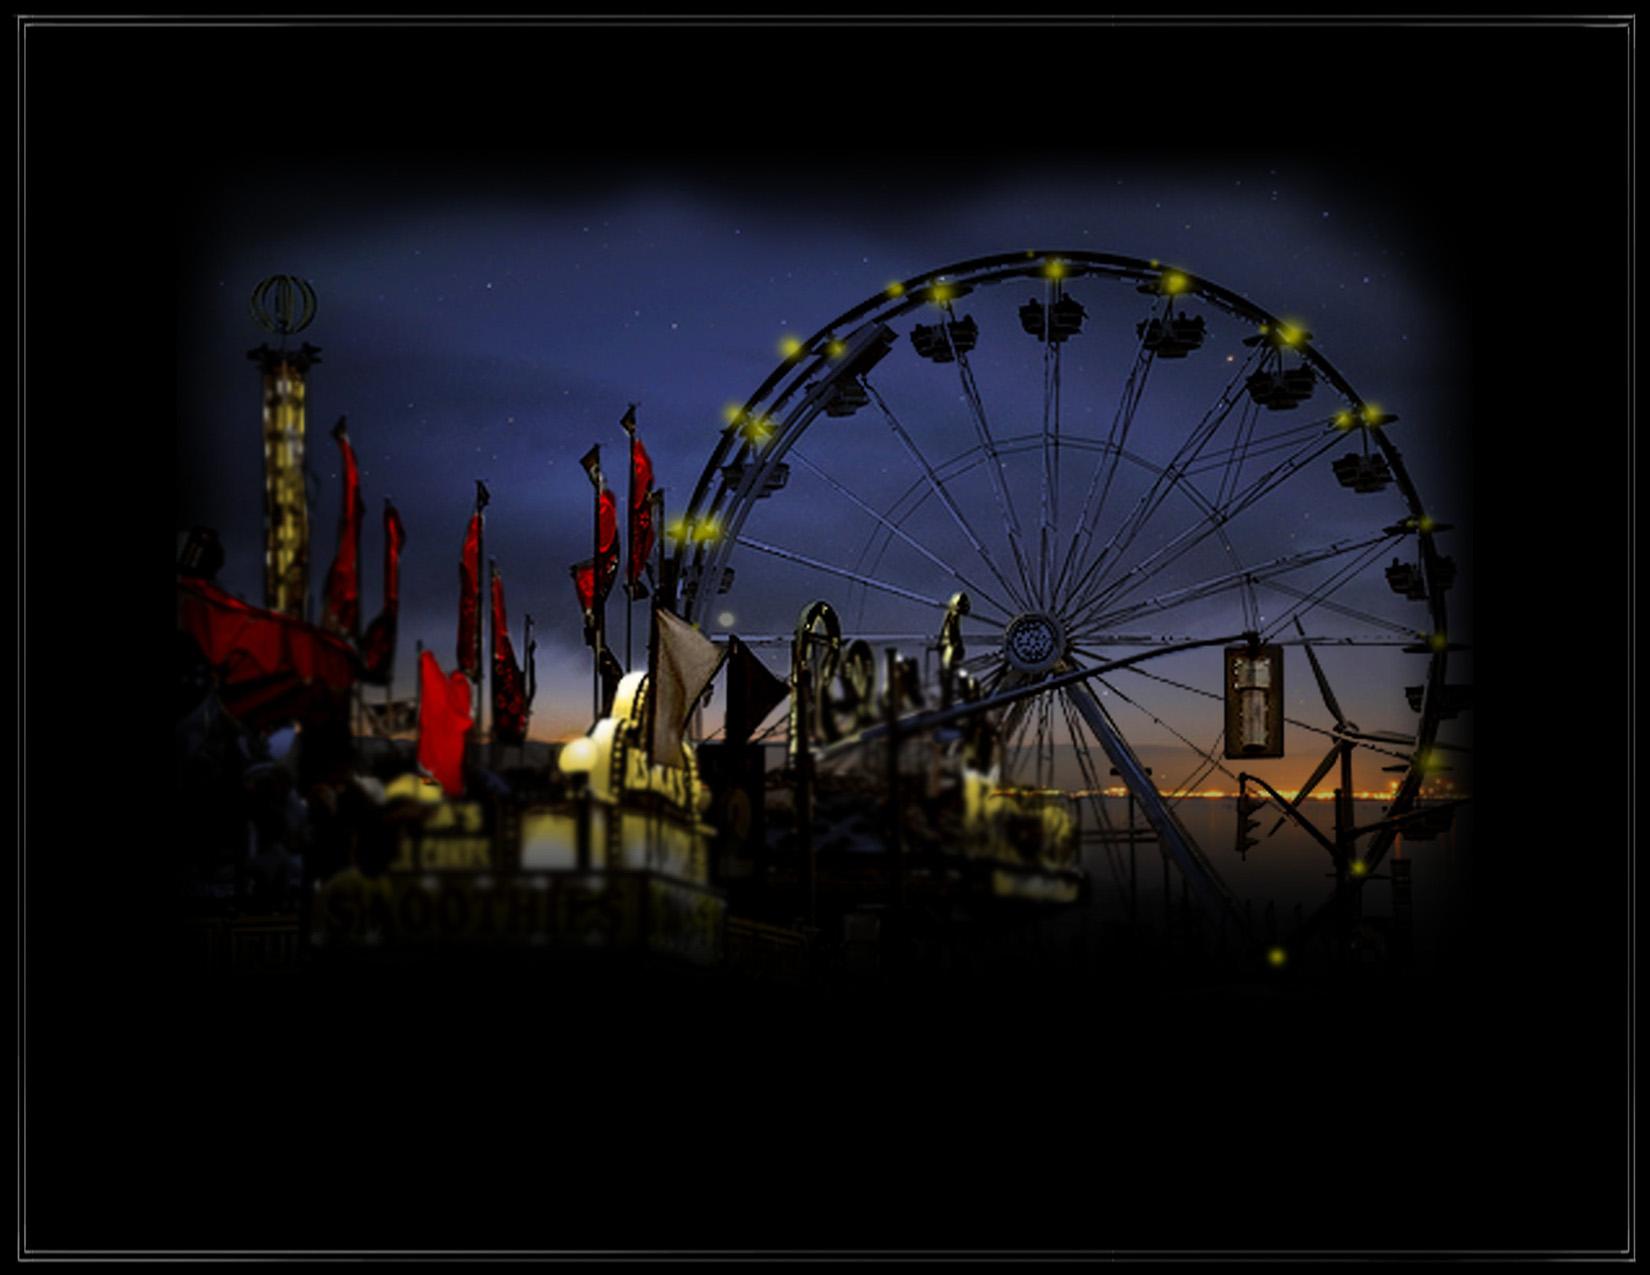 Projection #1: Amusement Park